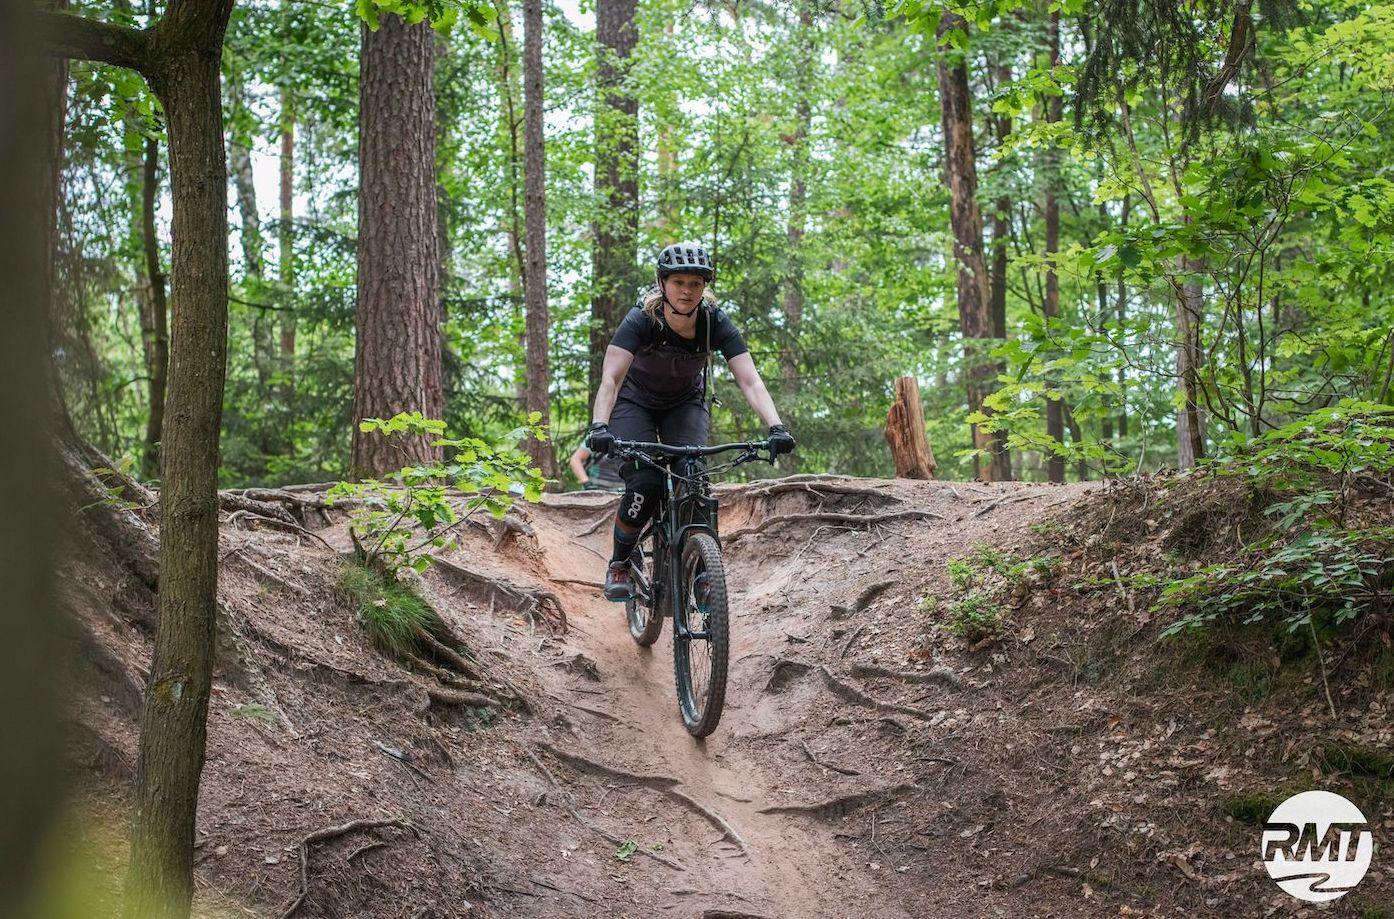 MTB Fahrtechnik Kurs für Einsteiger in Bad Orb   Spessart - Mountainbike Basic - Rock my Trail Bikeschule - 3